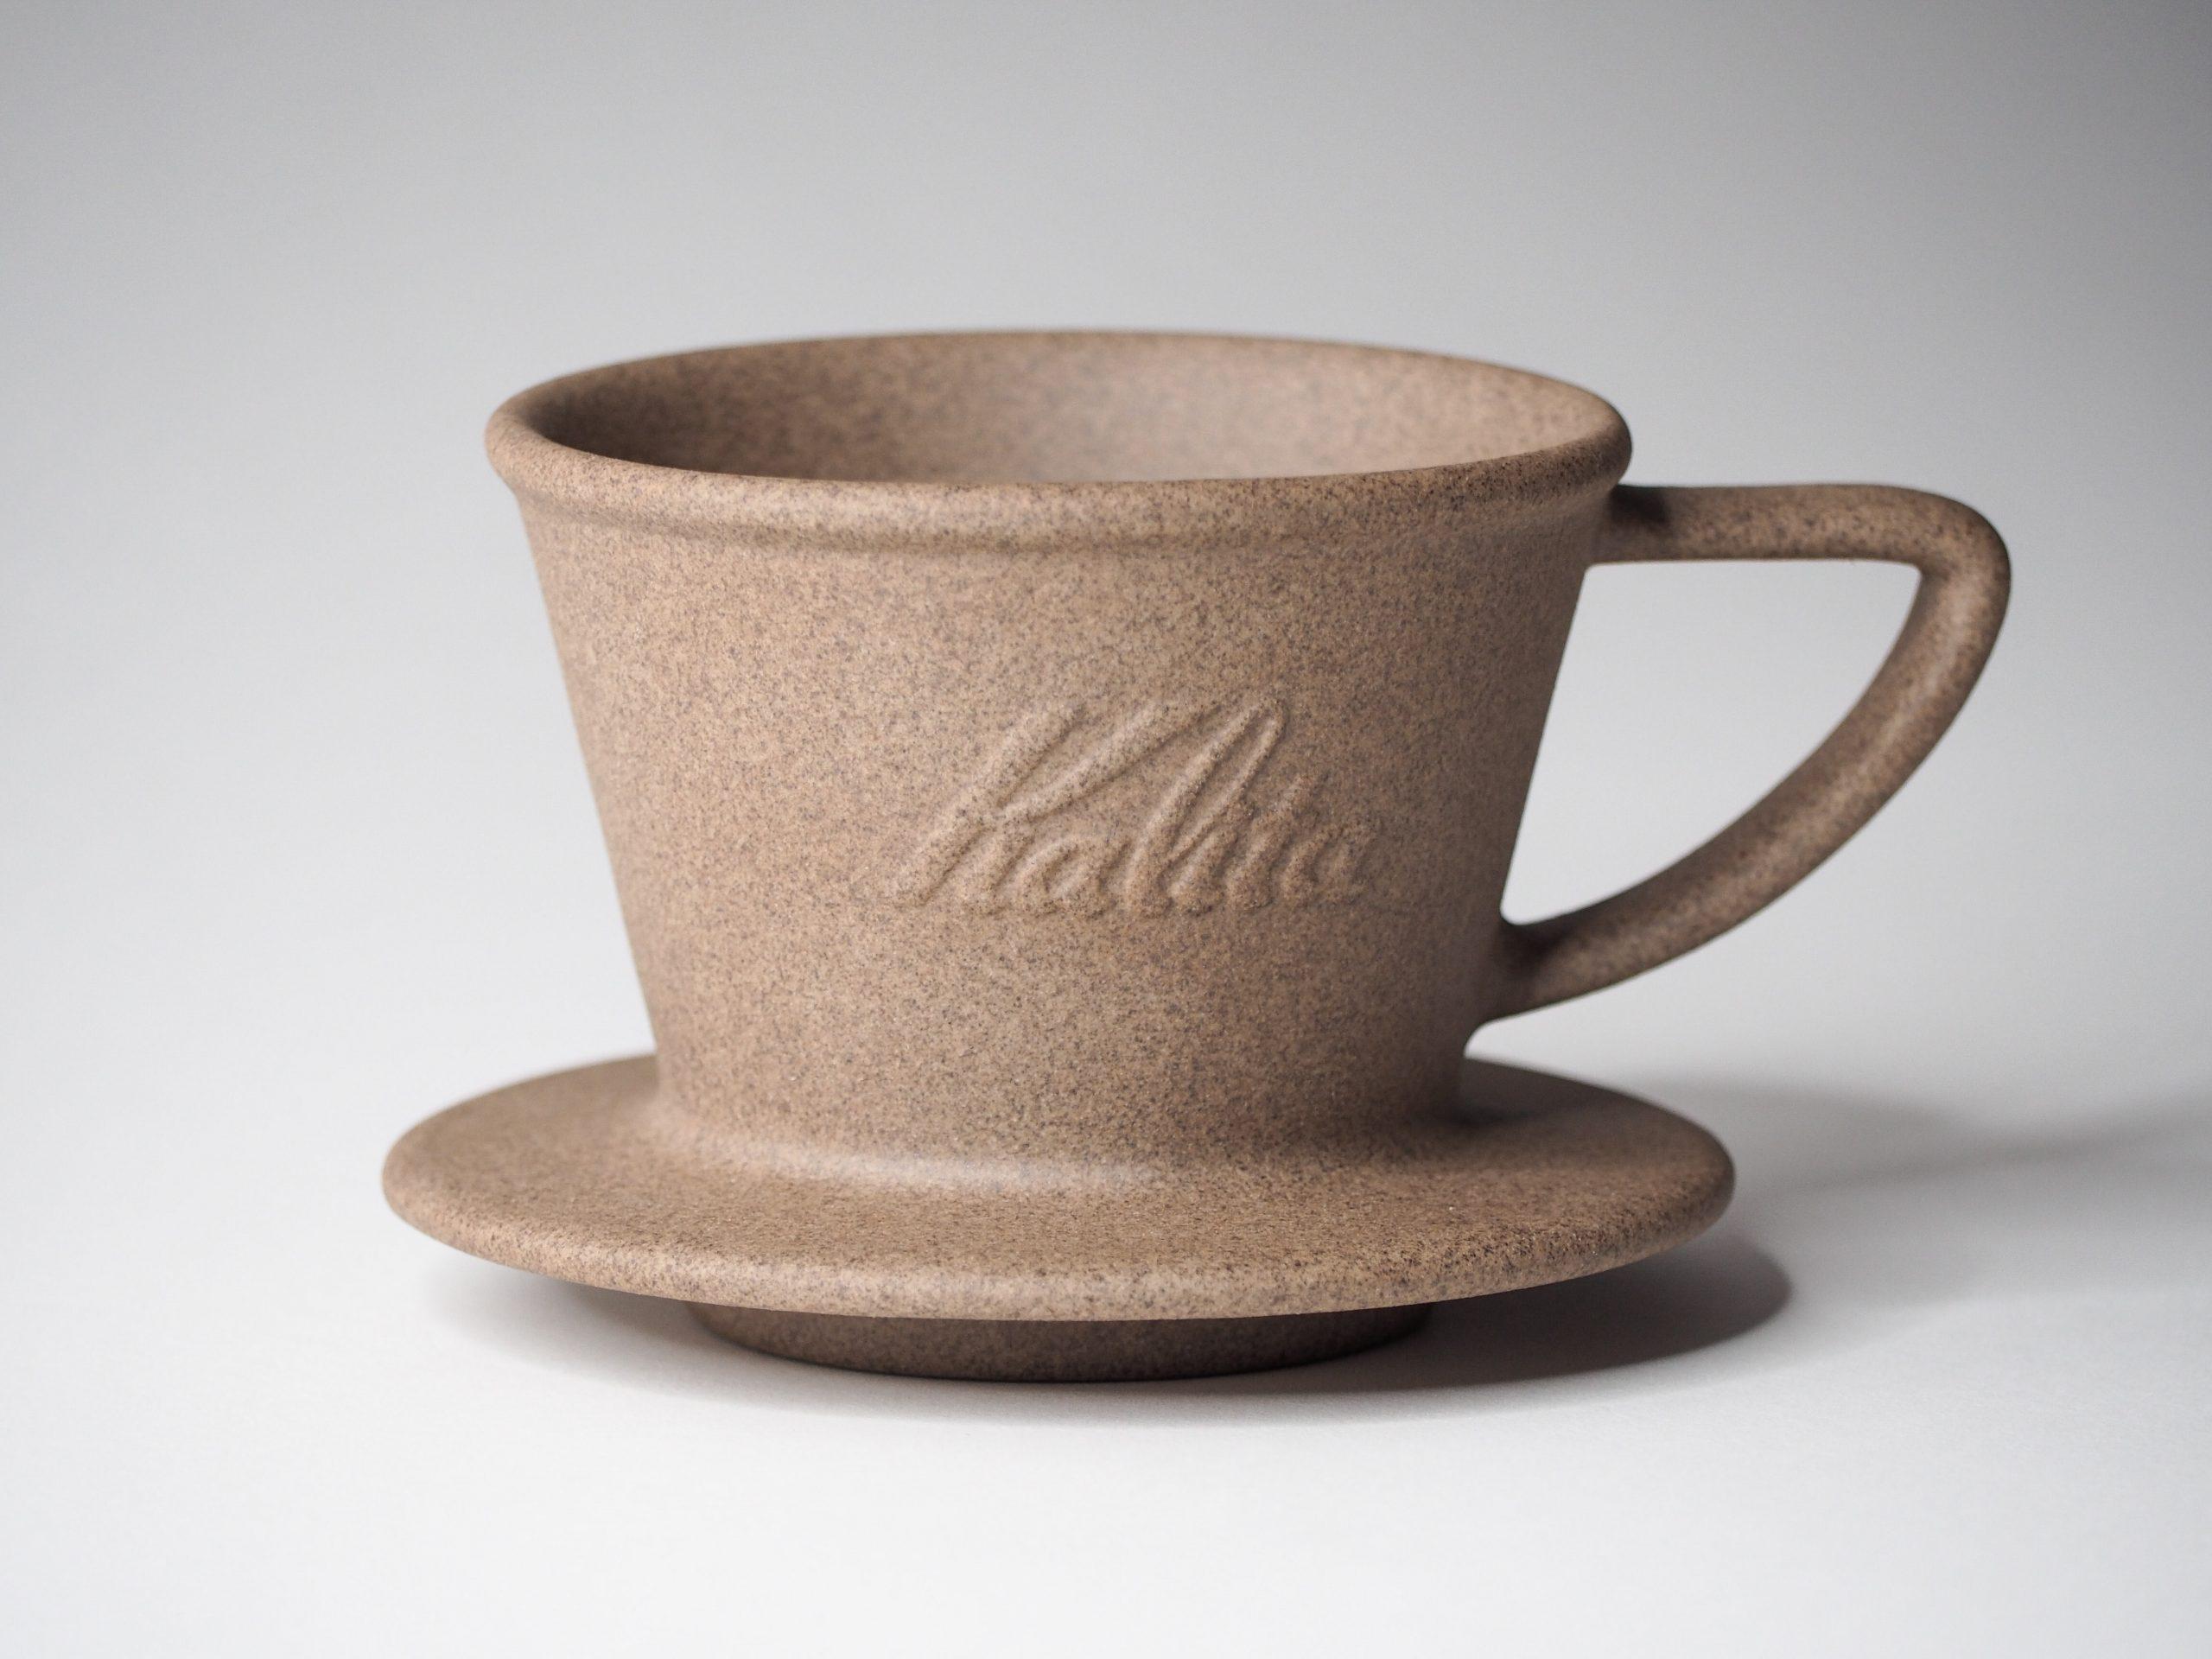 Kalita Hasami porcelain